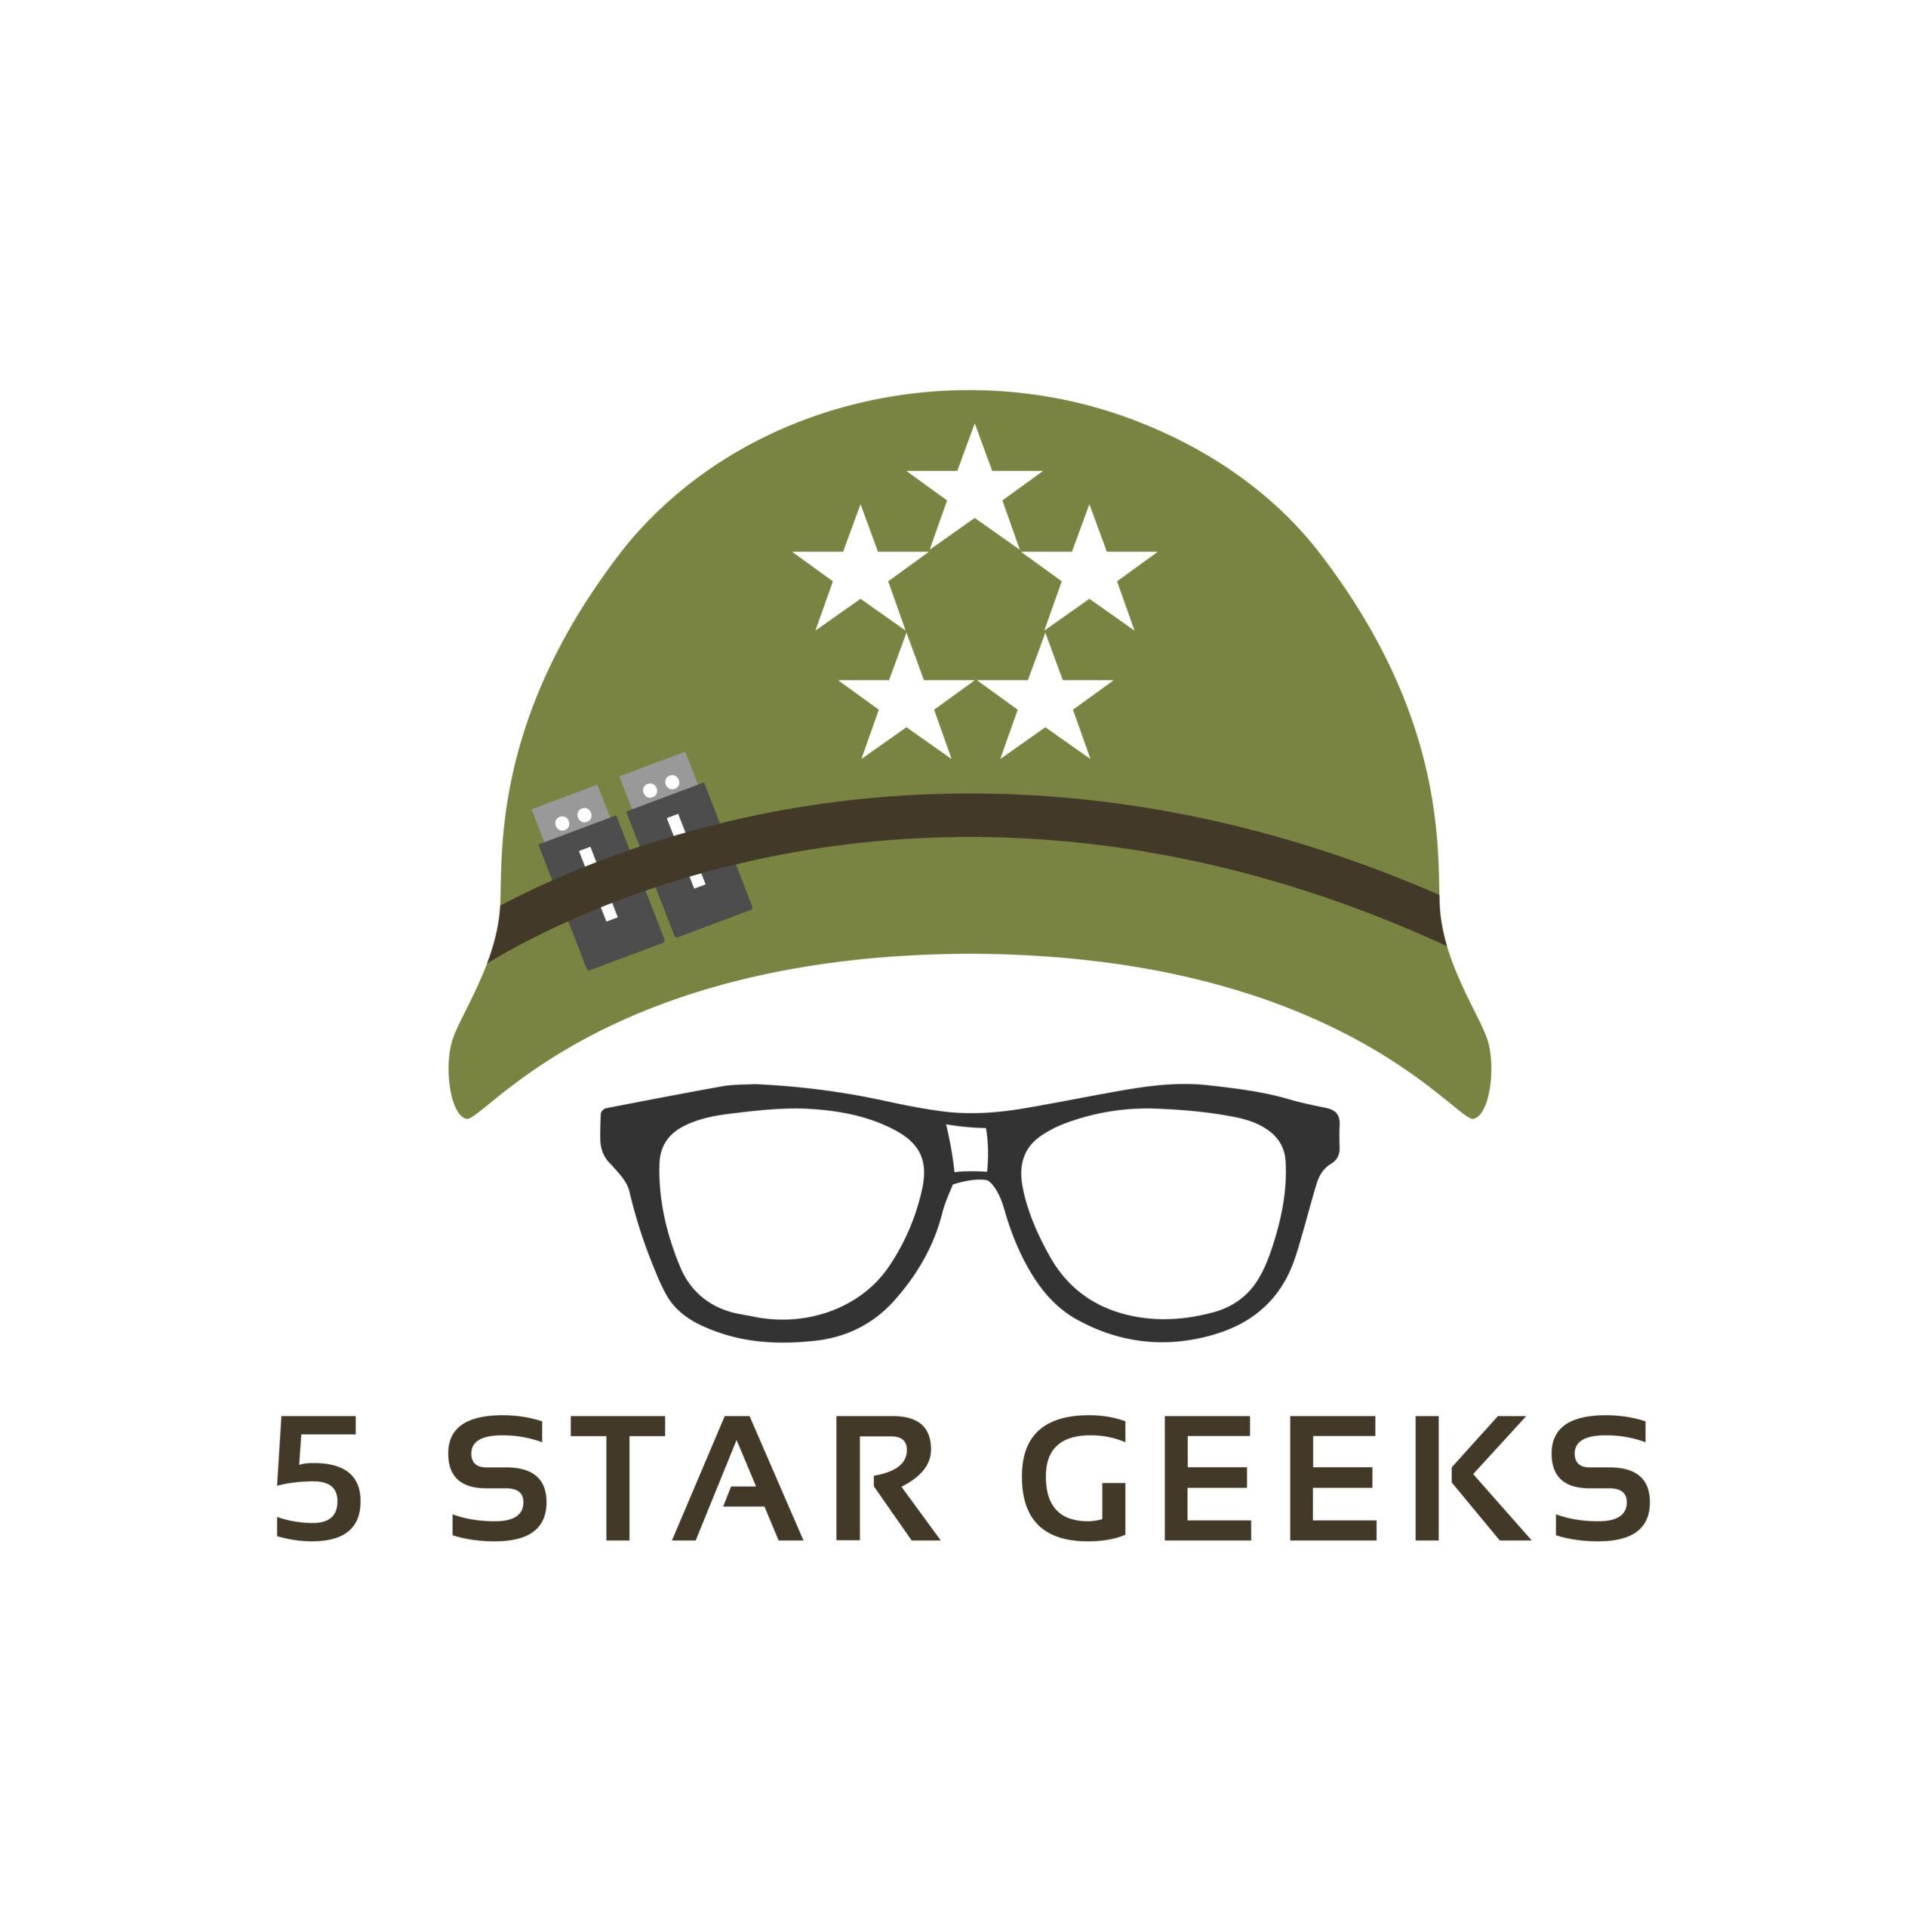 5 Star Geeks